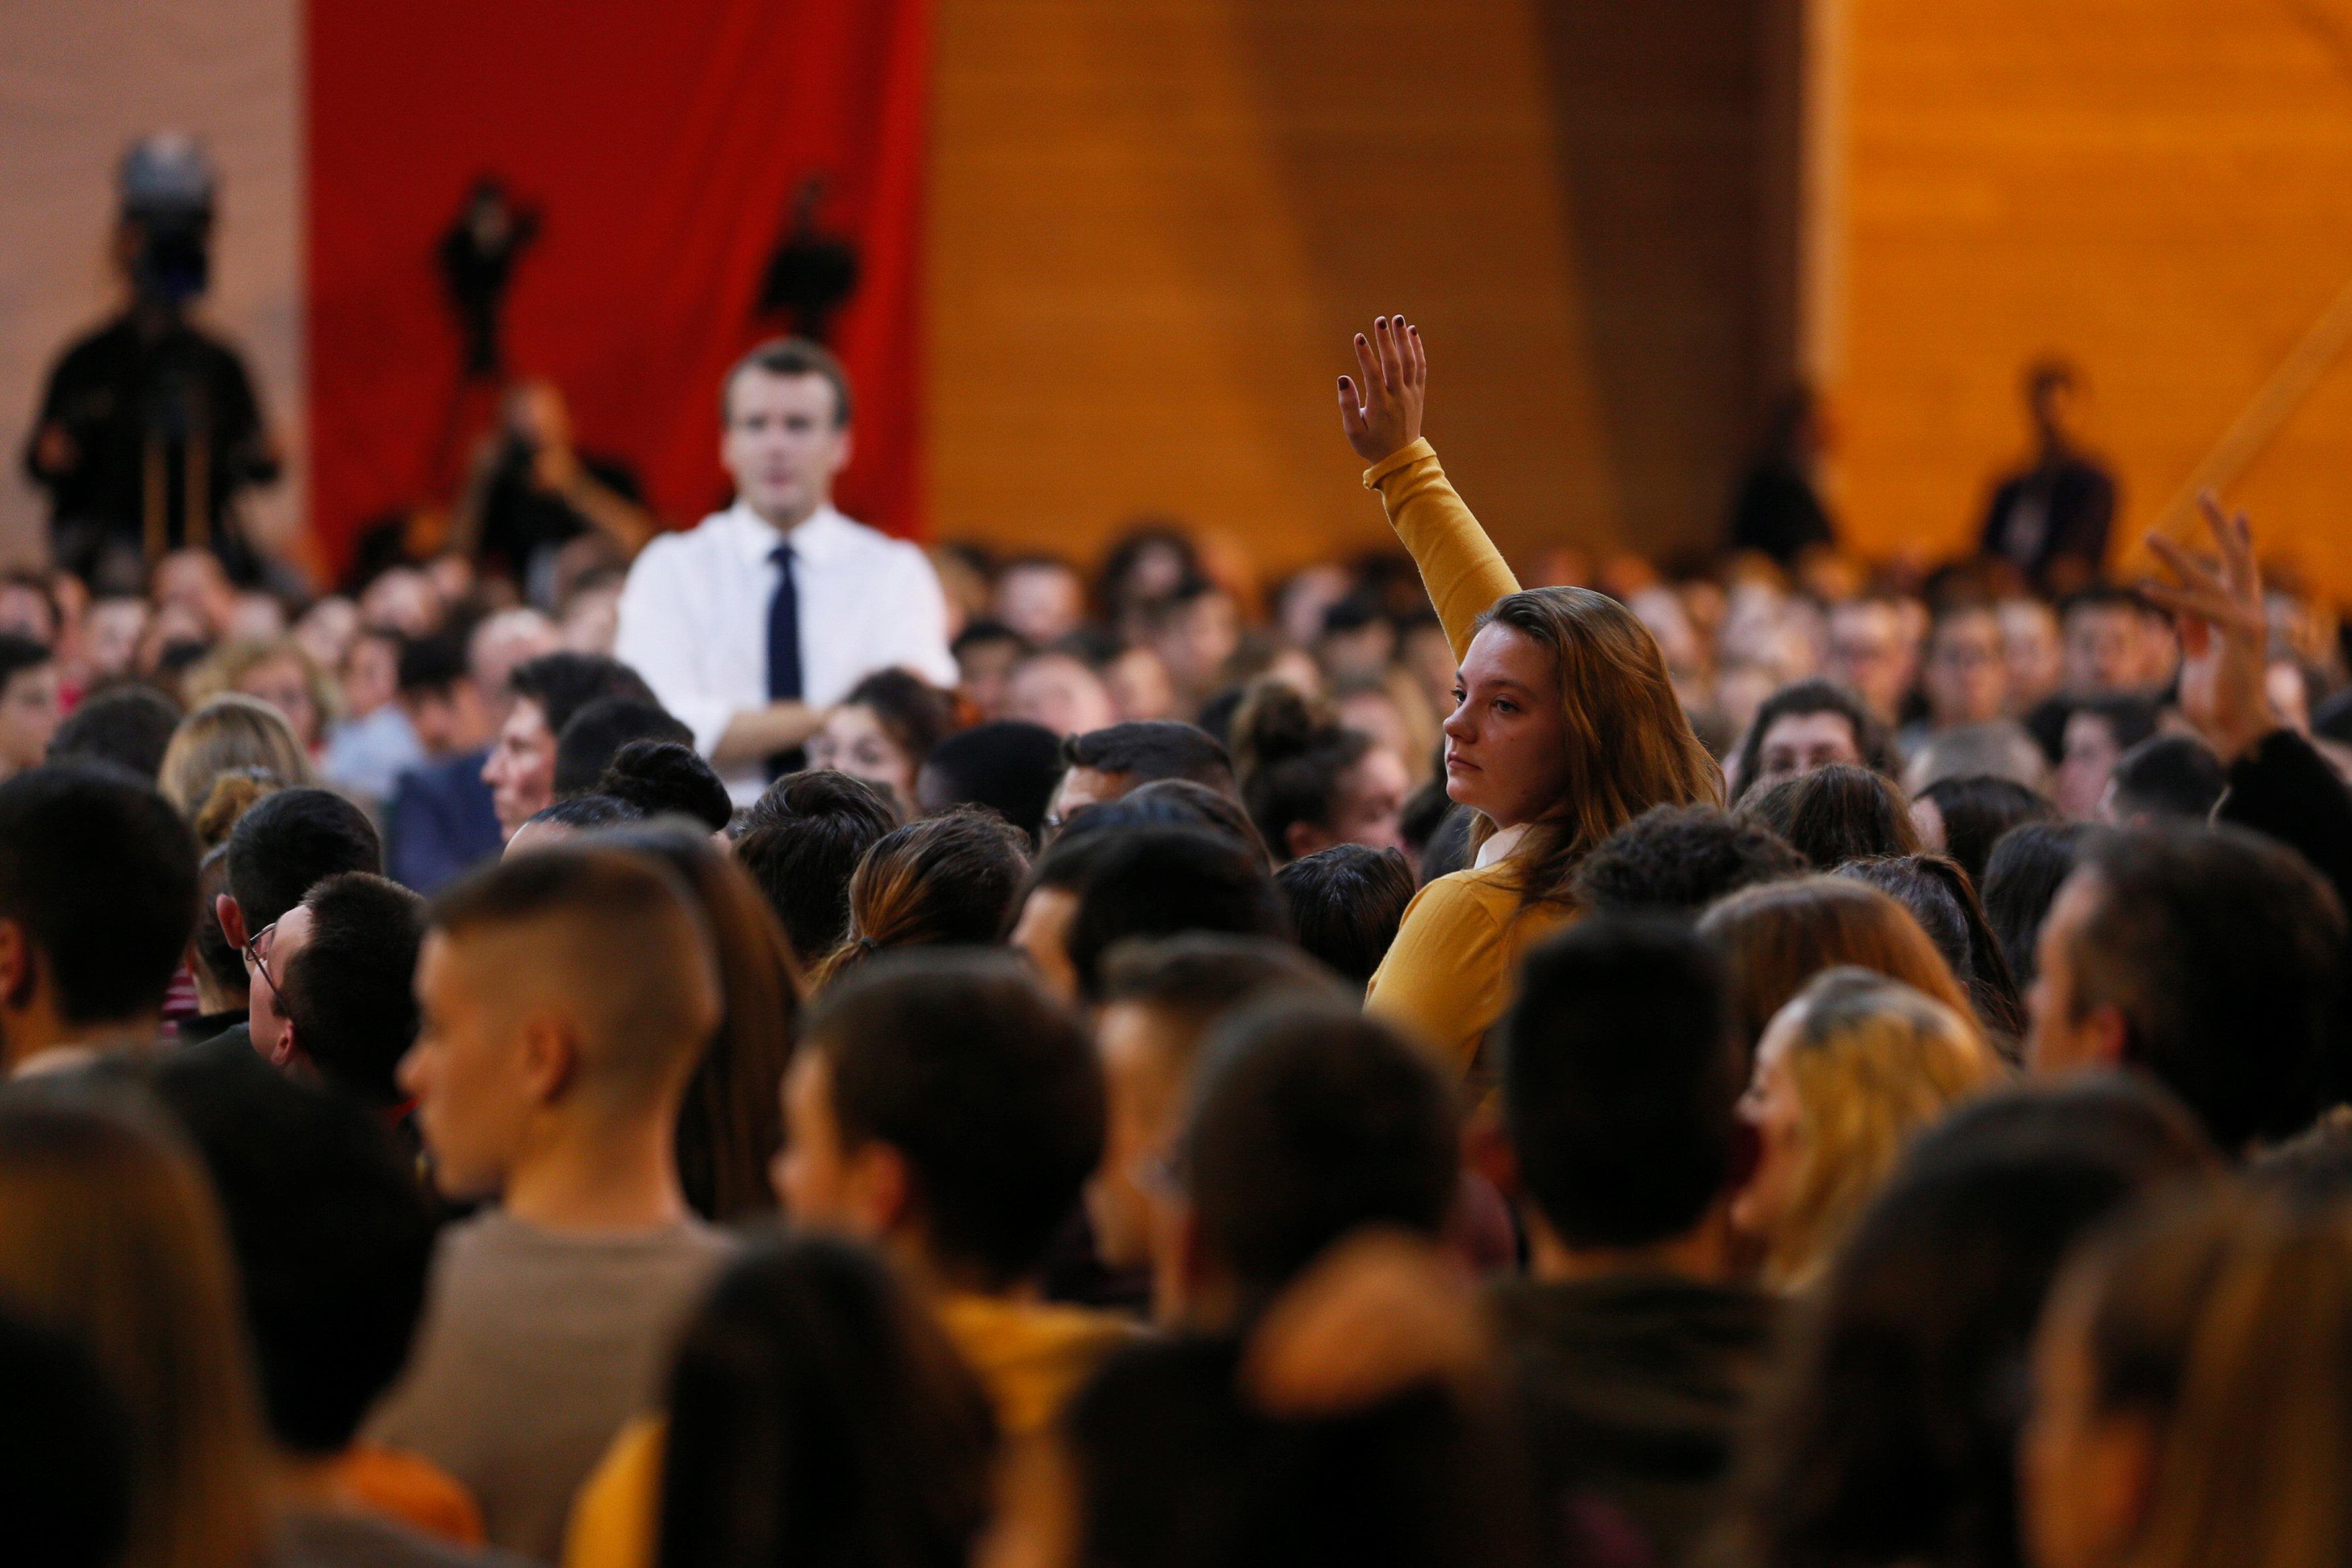 فتاة ترفع يدها طلبا للحديث